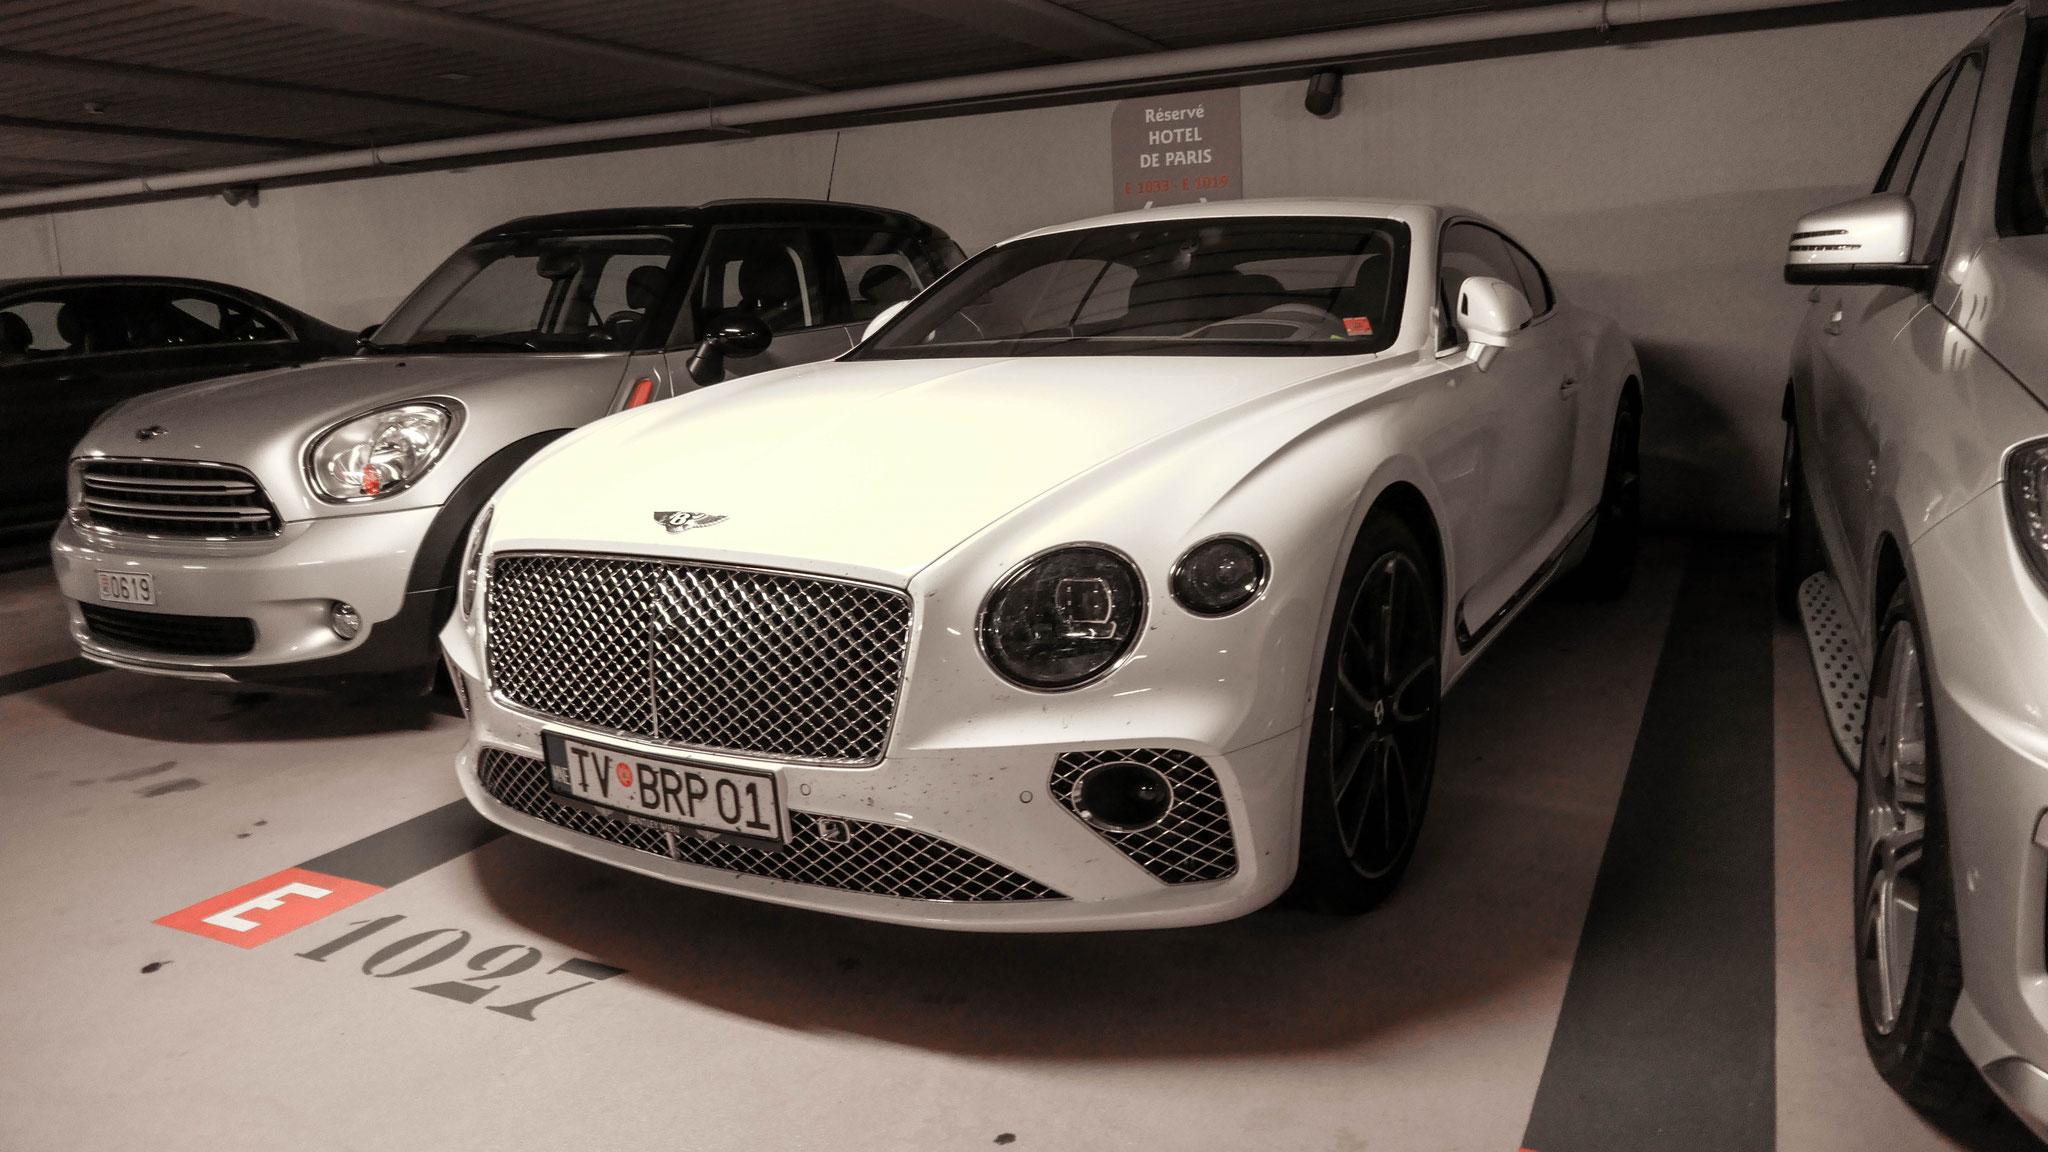 Bentley Continental GT - TV-BRP-01 (MNE)